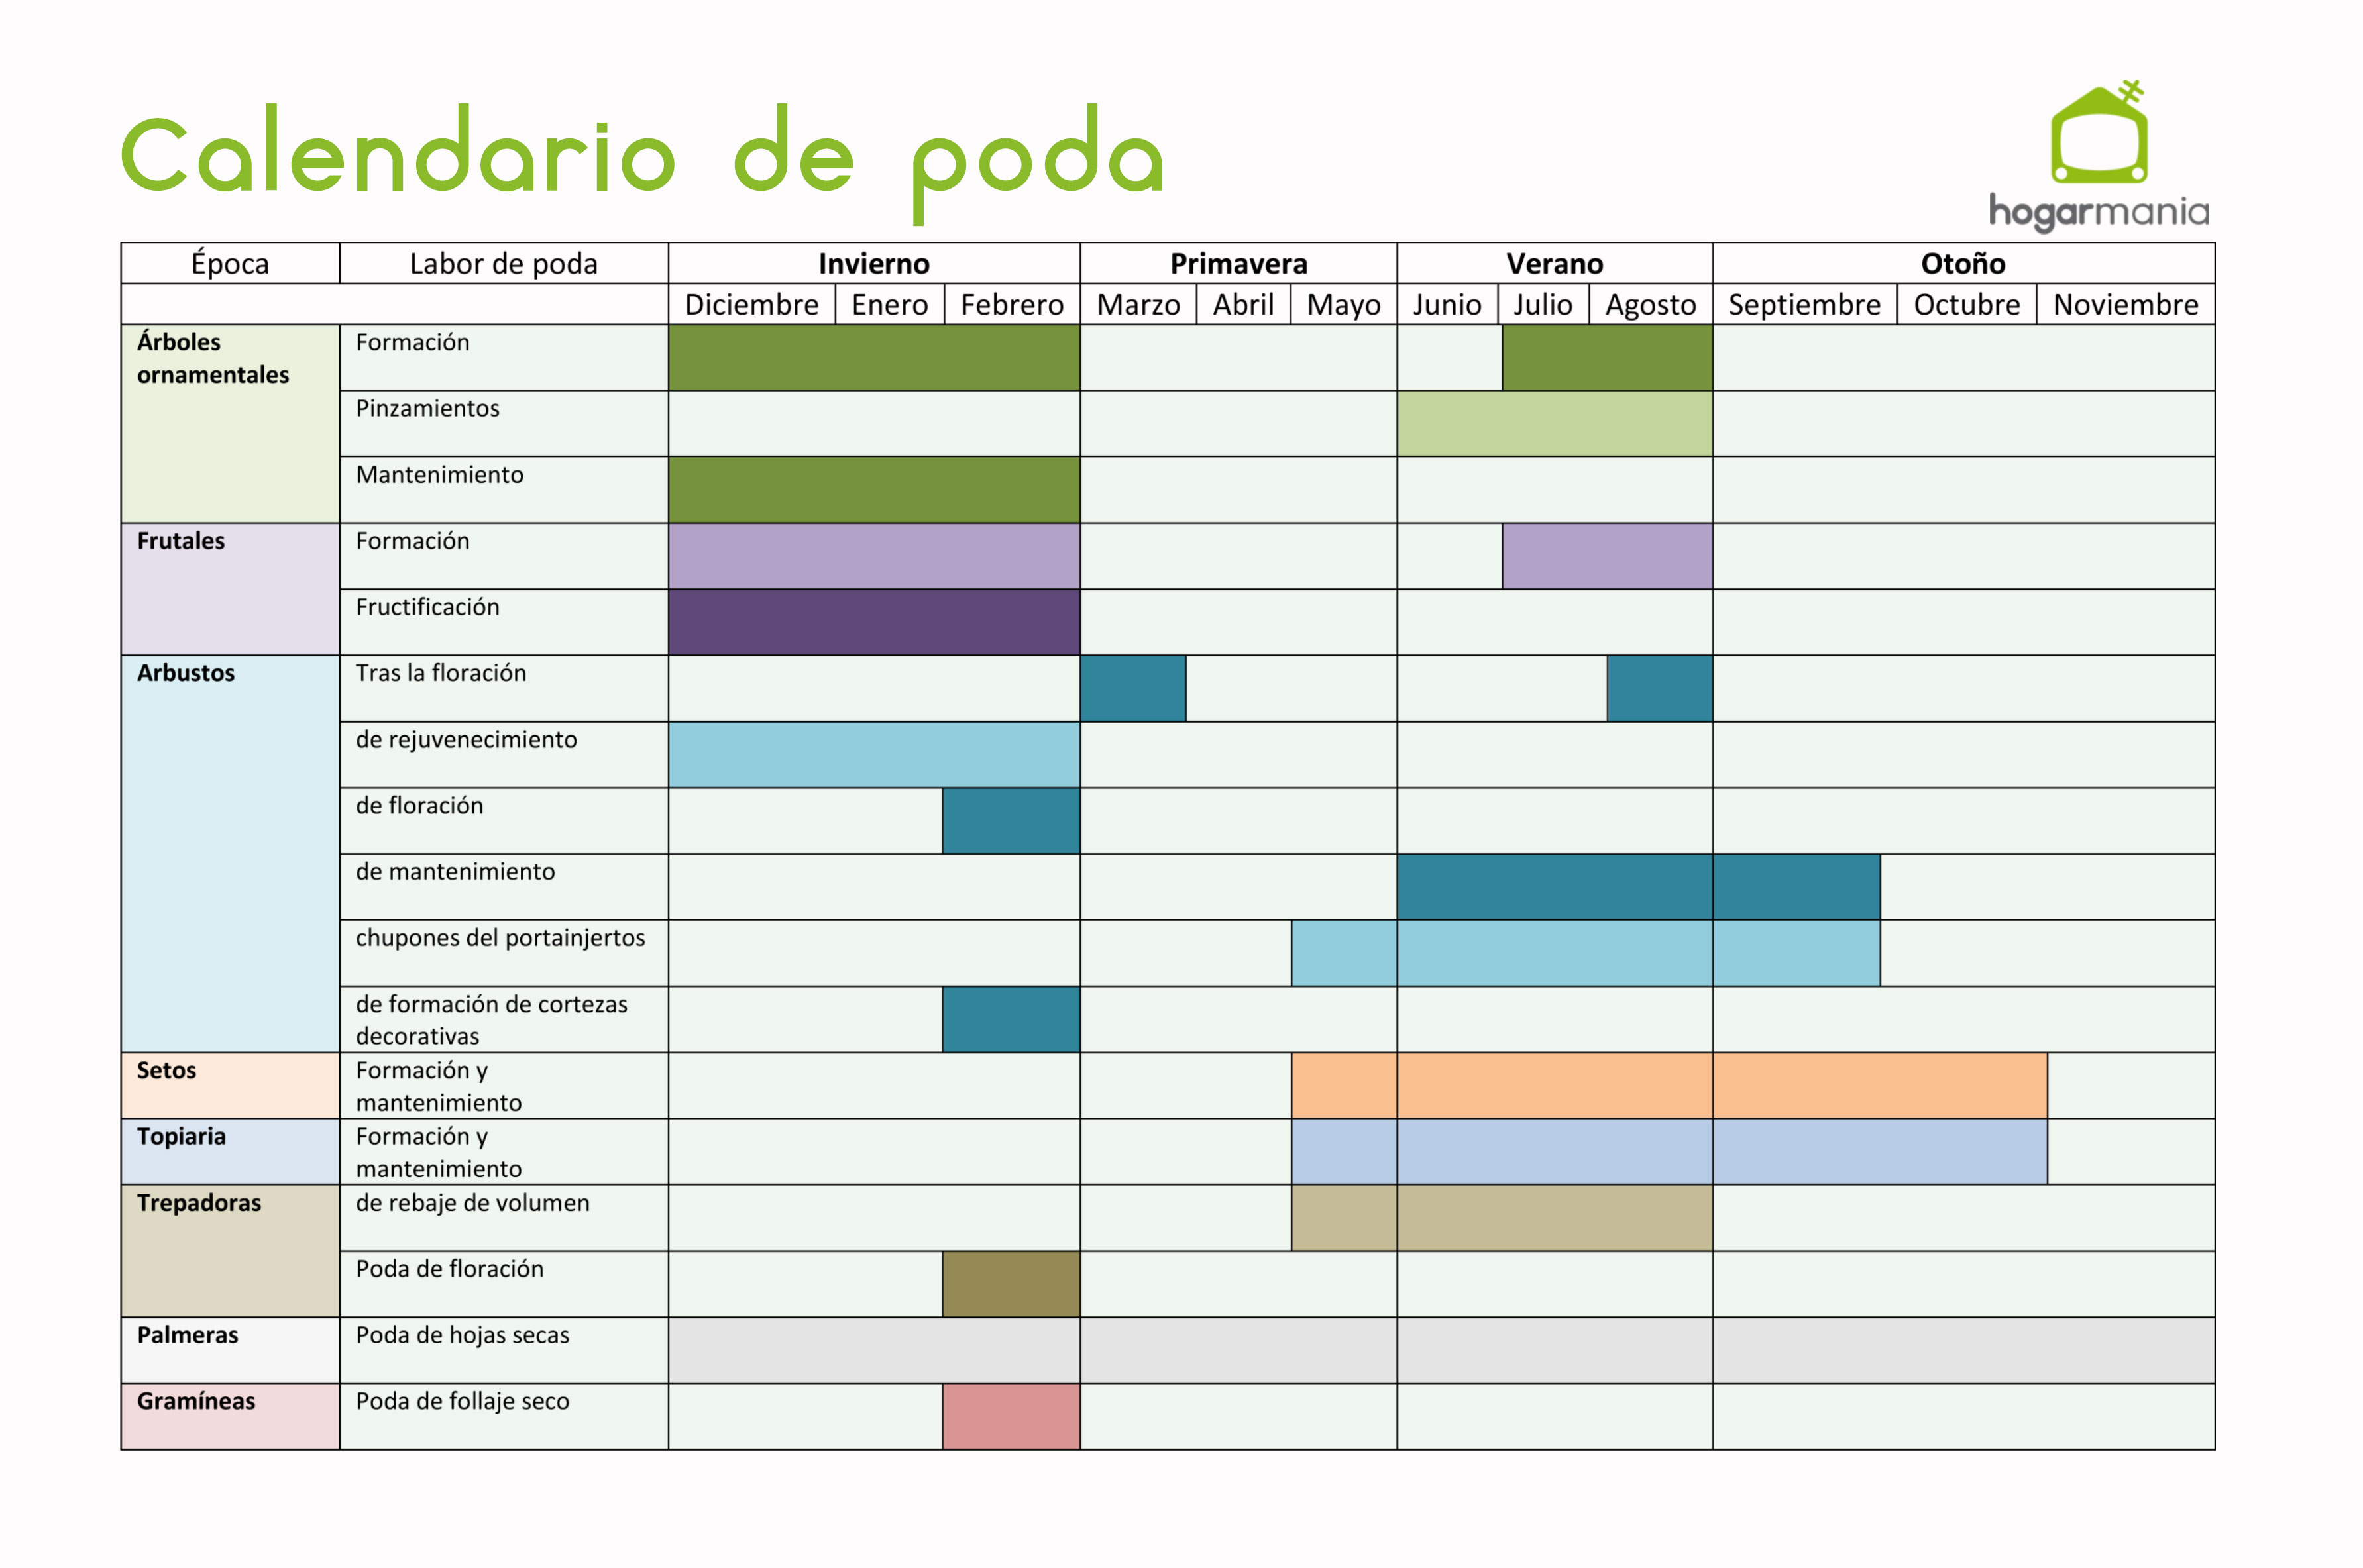 Calendario de poda hogarmania for Cuando se podan los arboles frutales